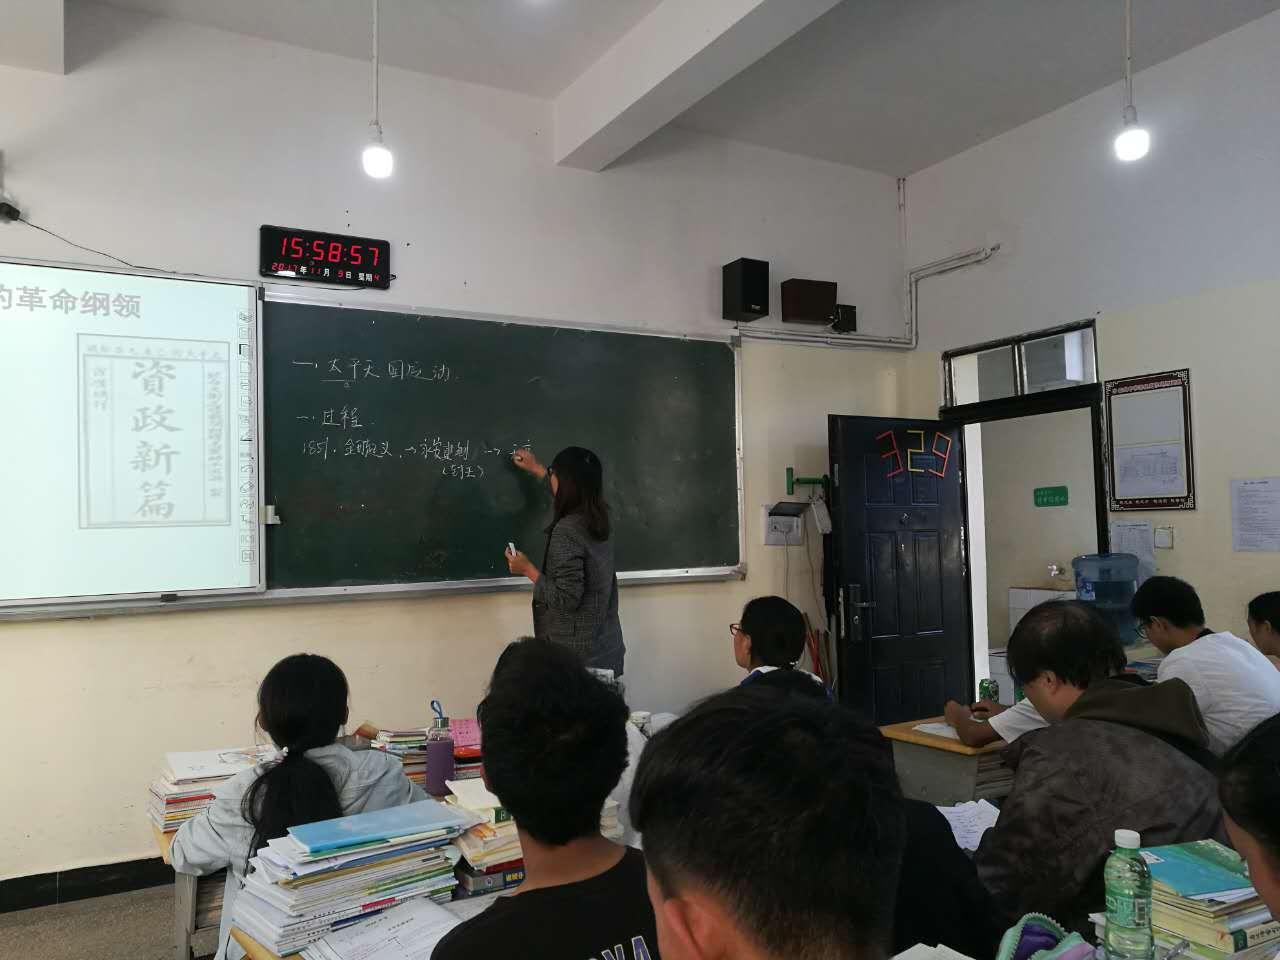 李建靖、张杰老师听历史课.jpg